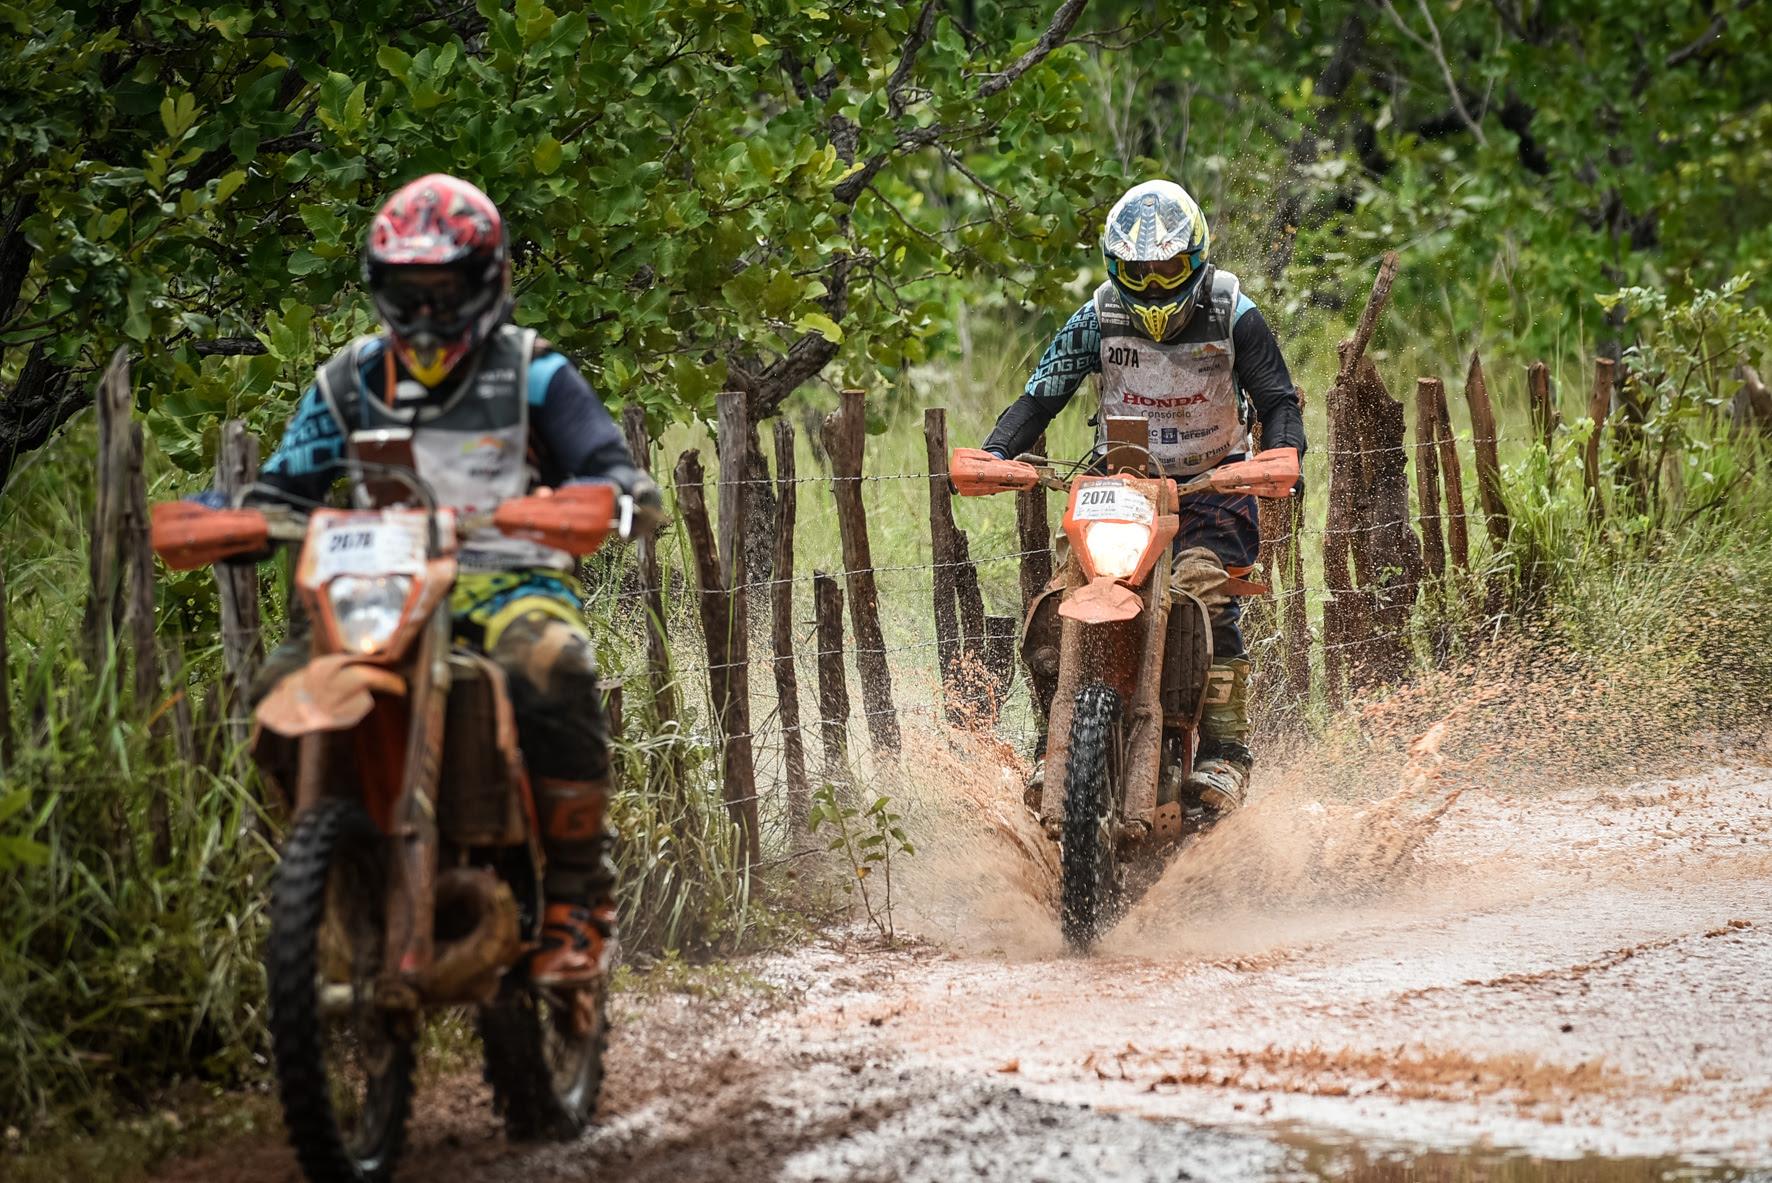 Alto grau de dificuldade continua no Rally Cerapió 2020 para as motos